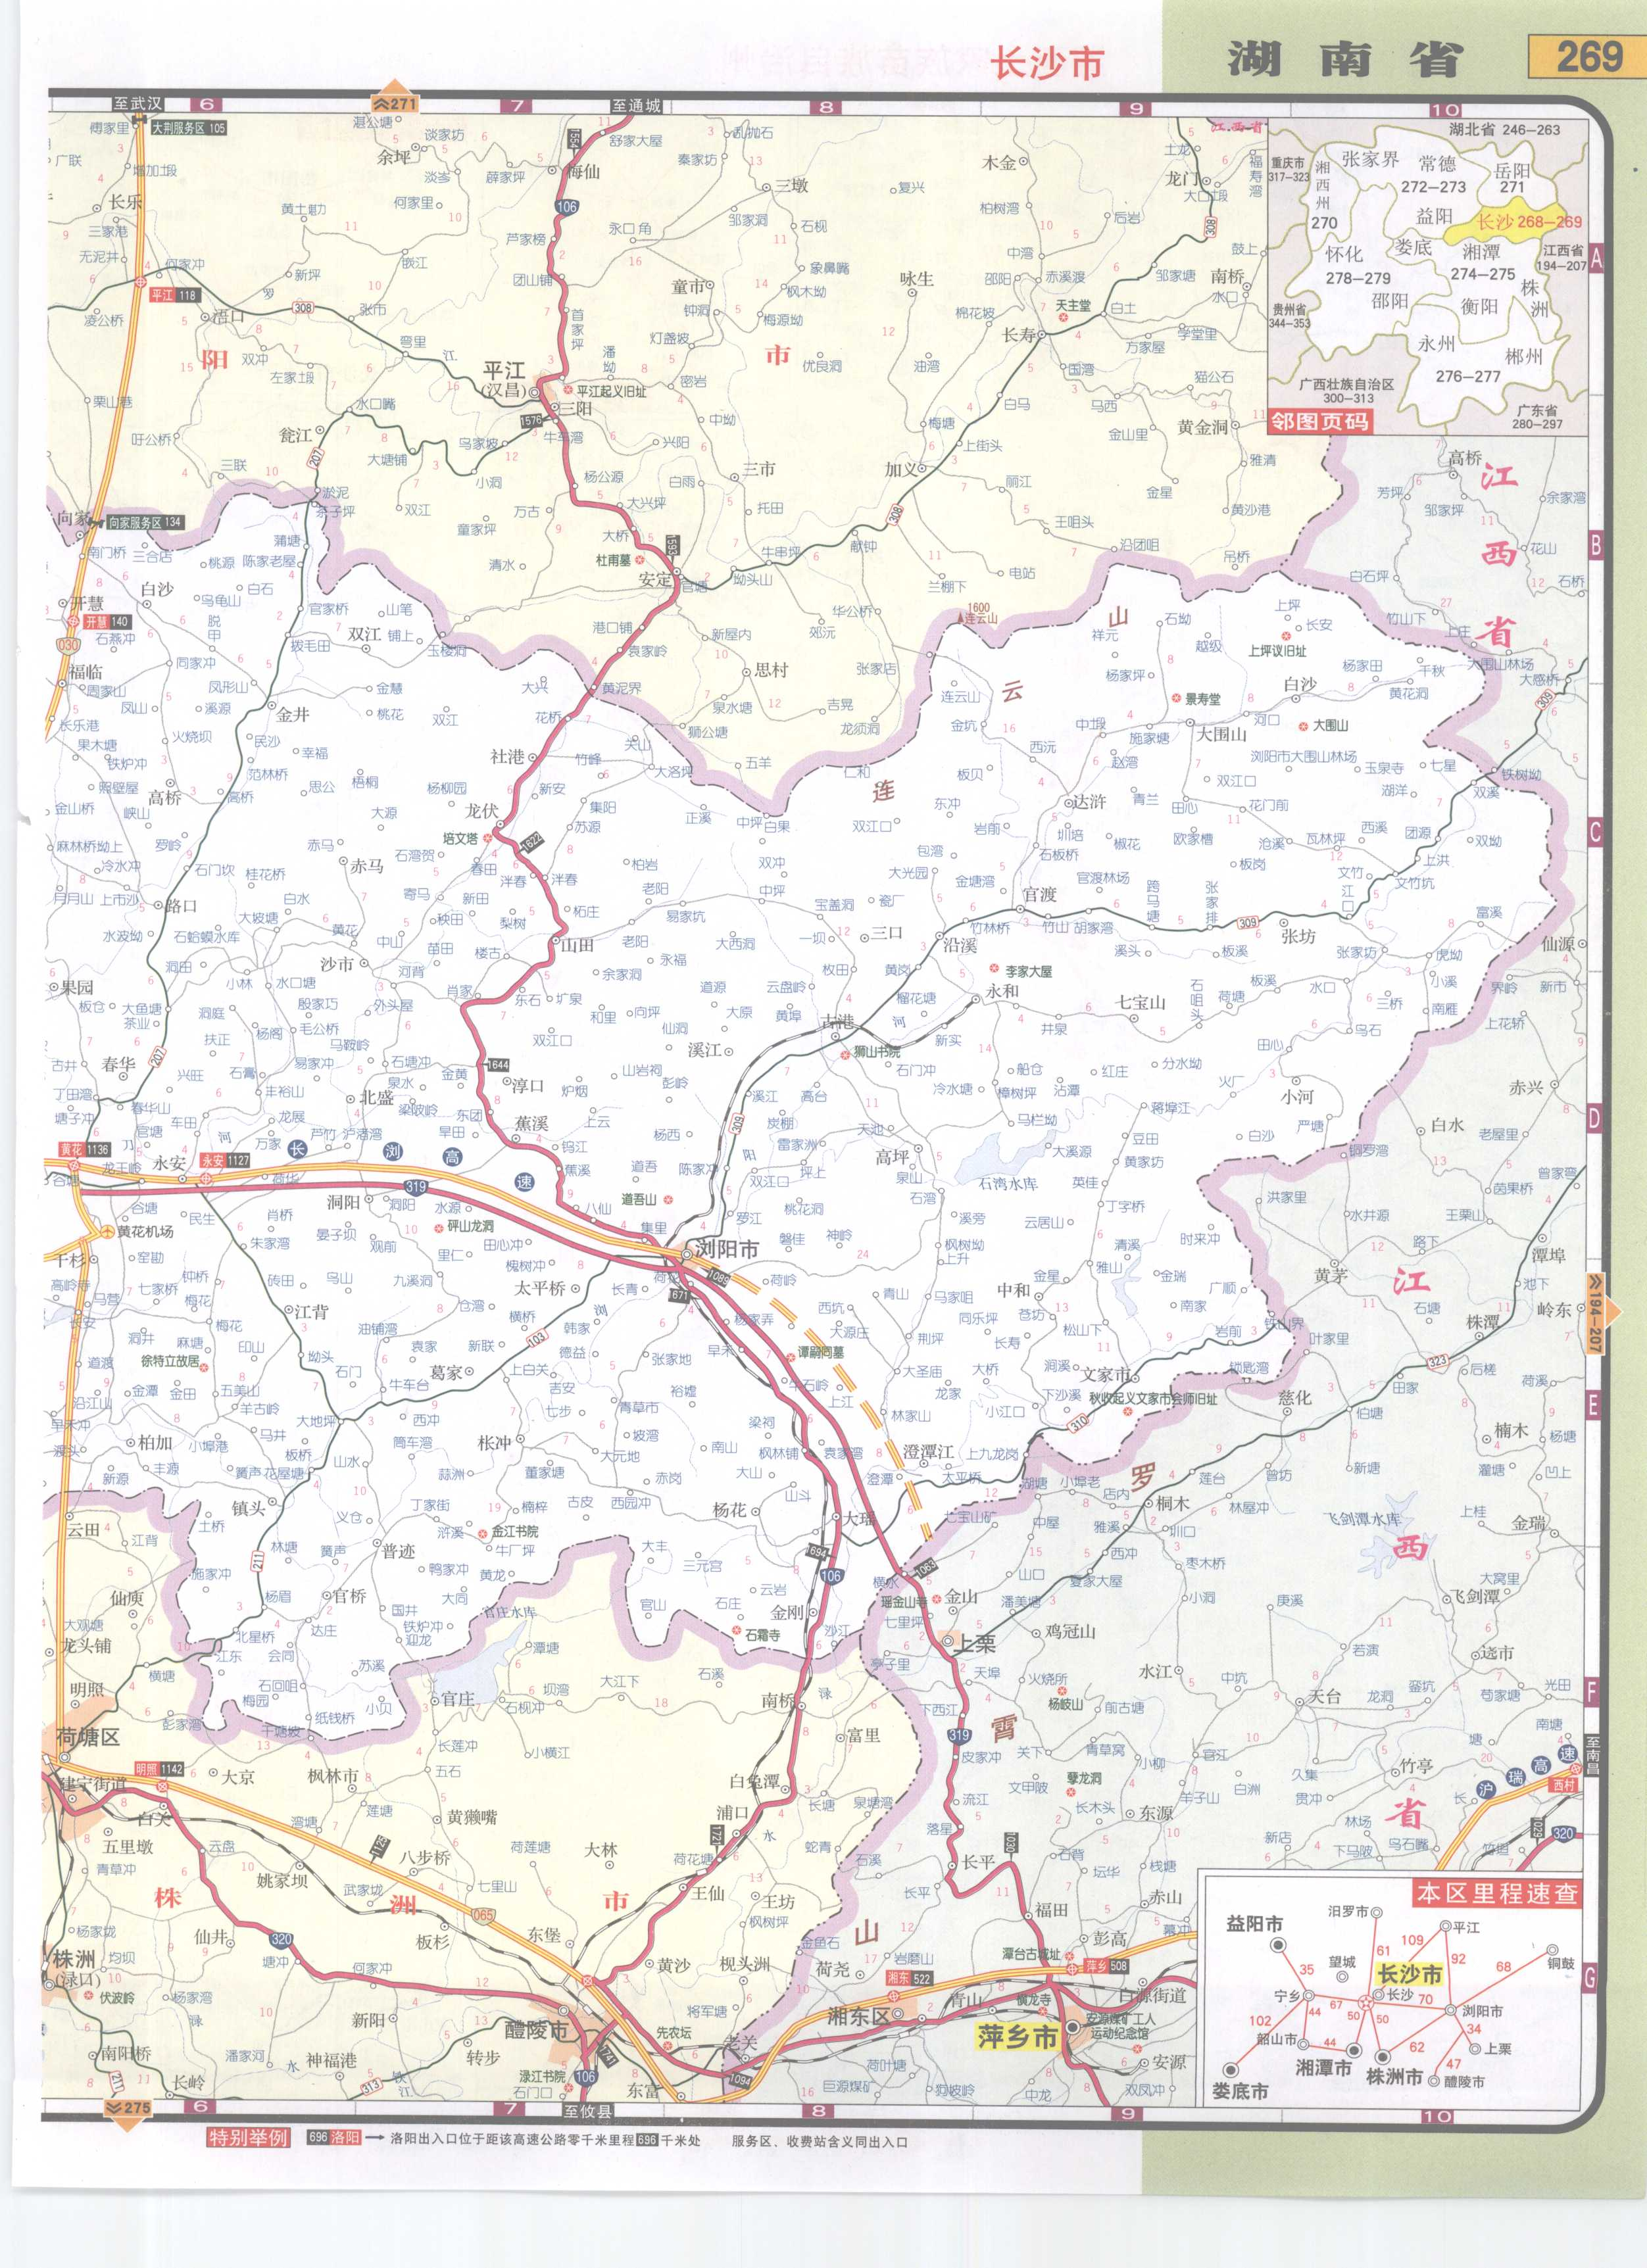 湖南省长沙市高速公路网地图